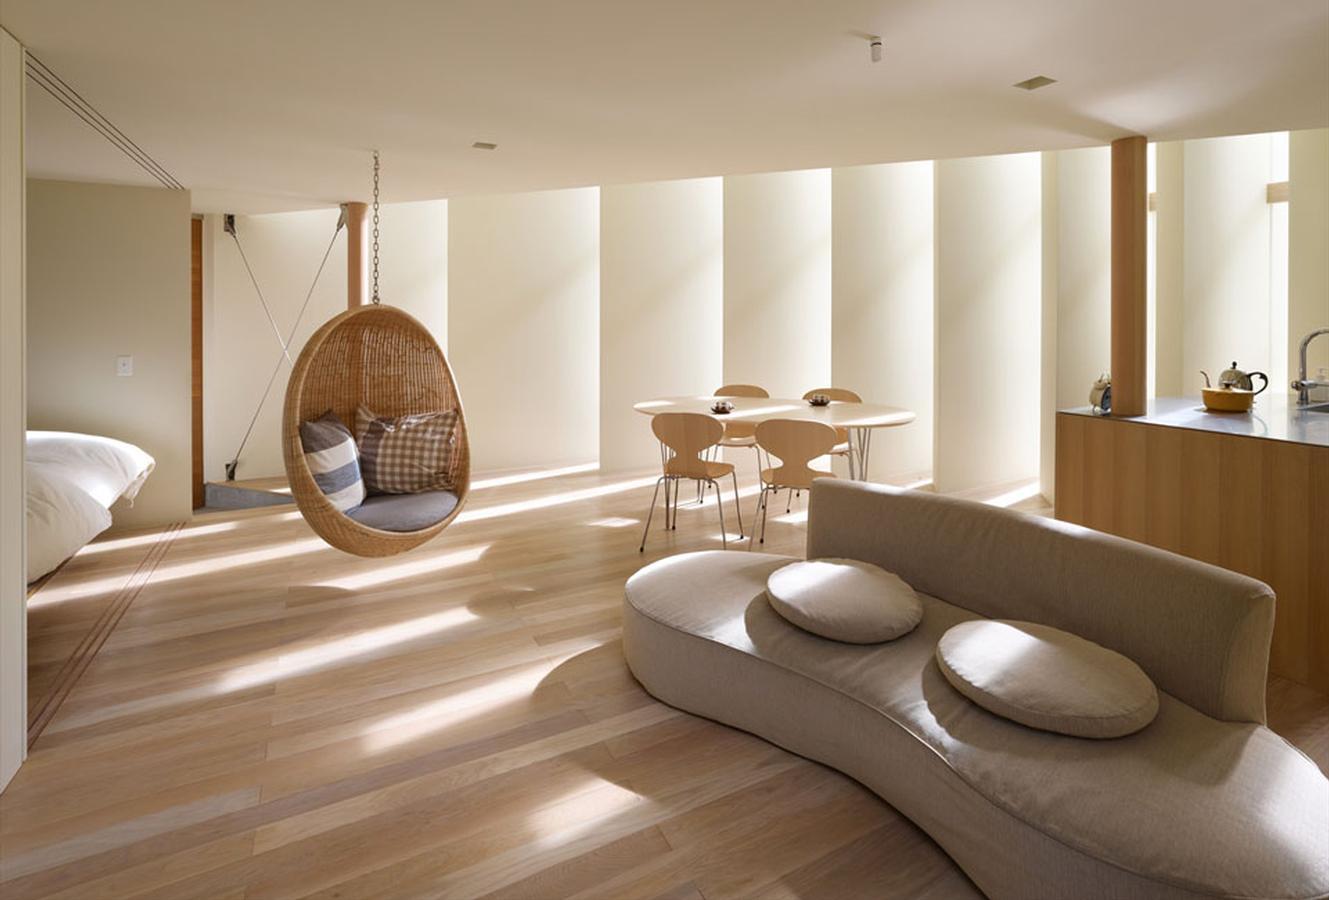 Immagine di uno studio di architettura e design